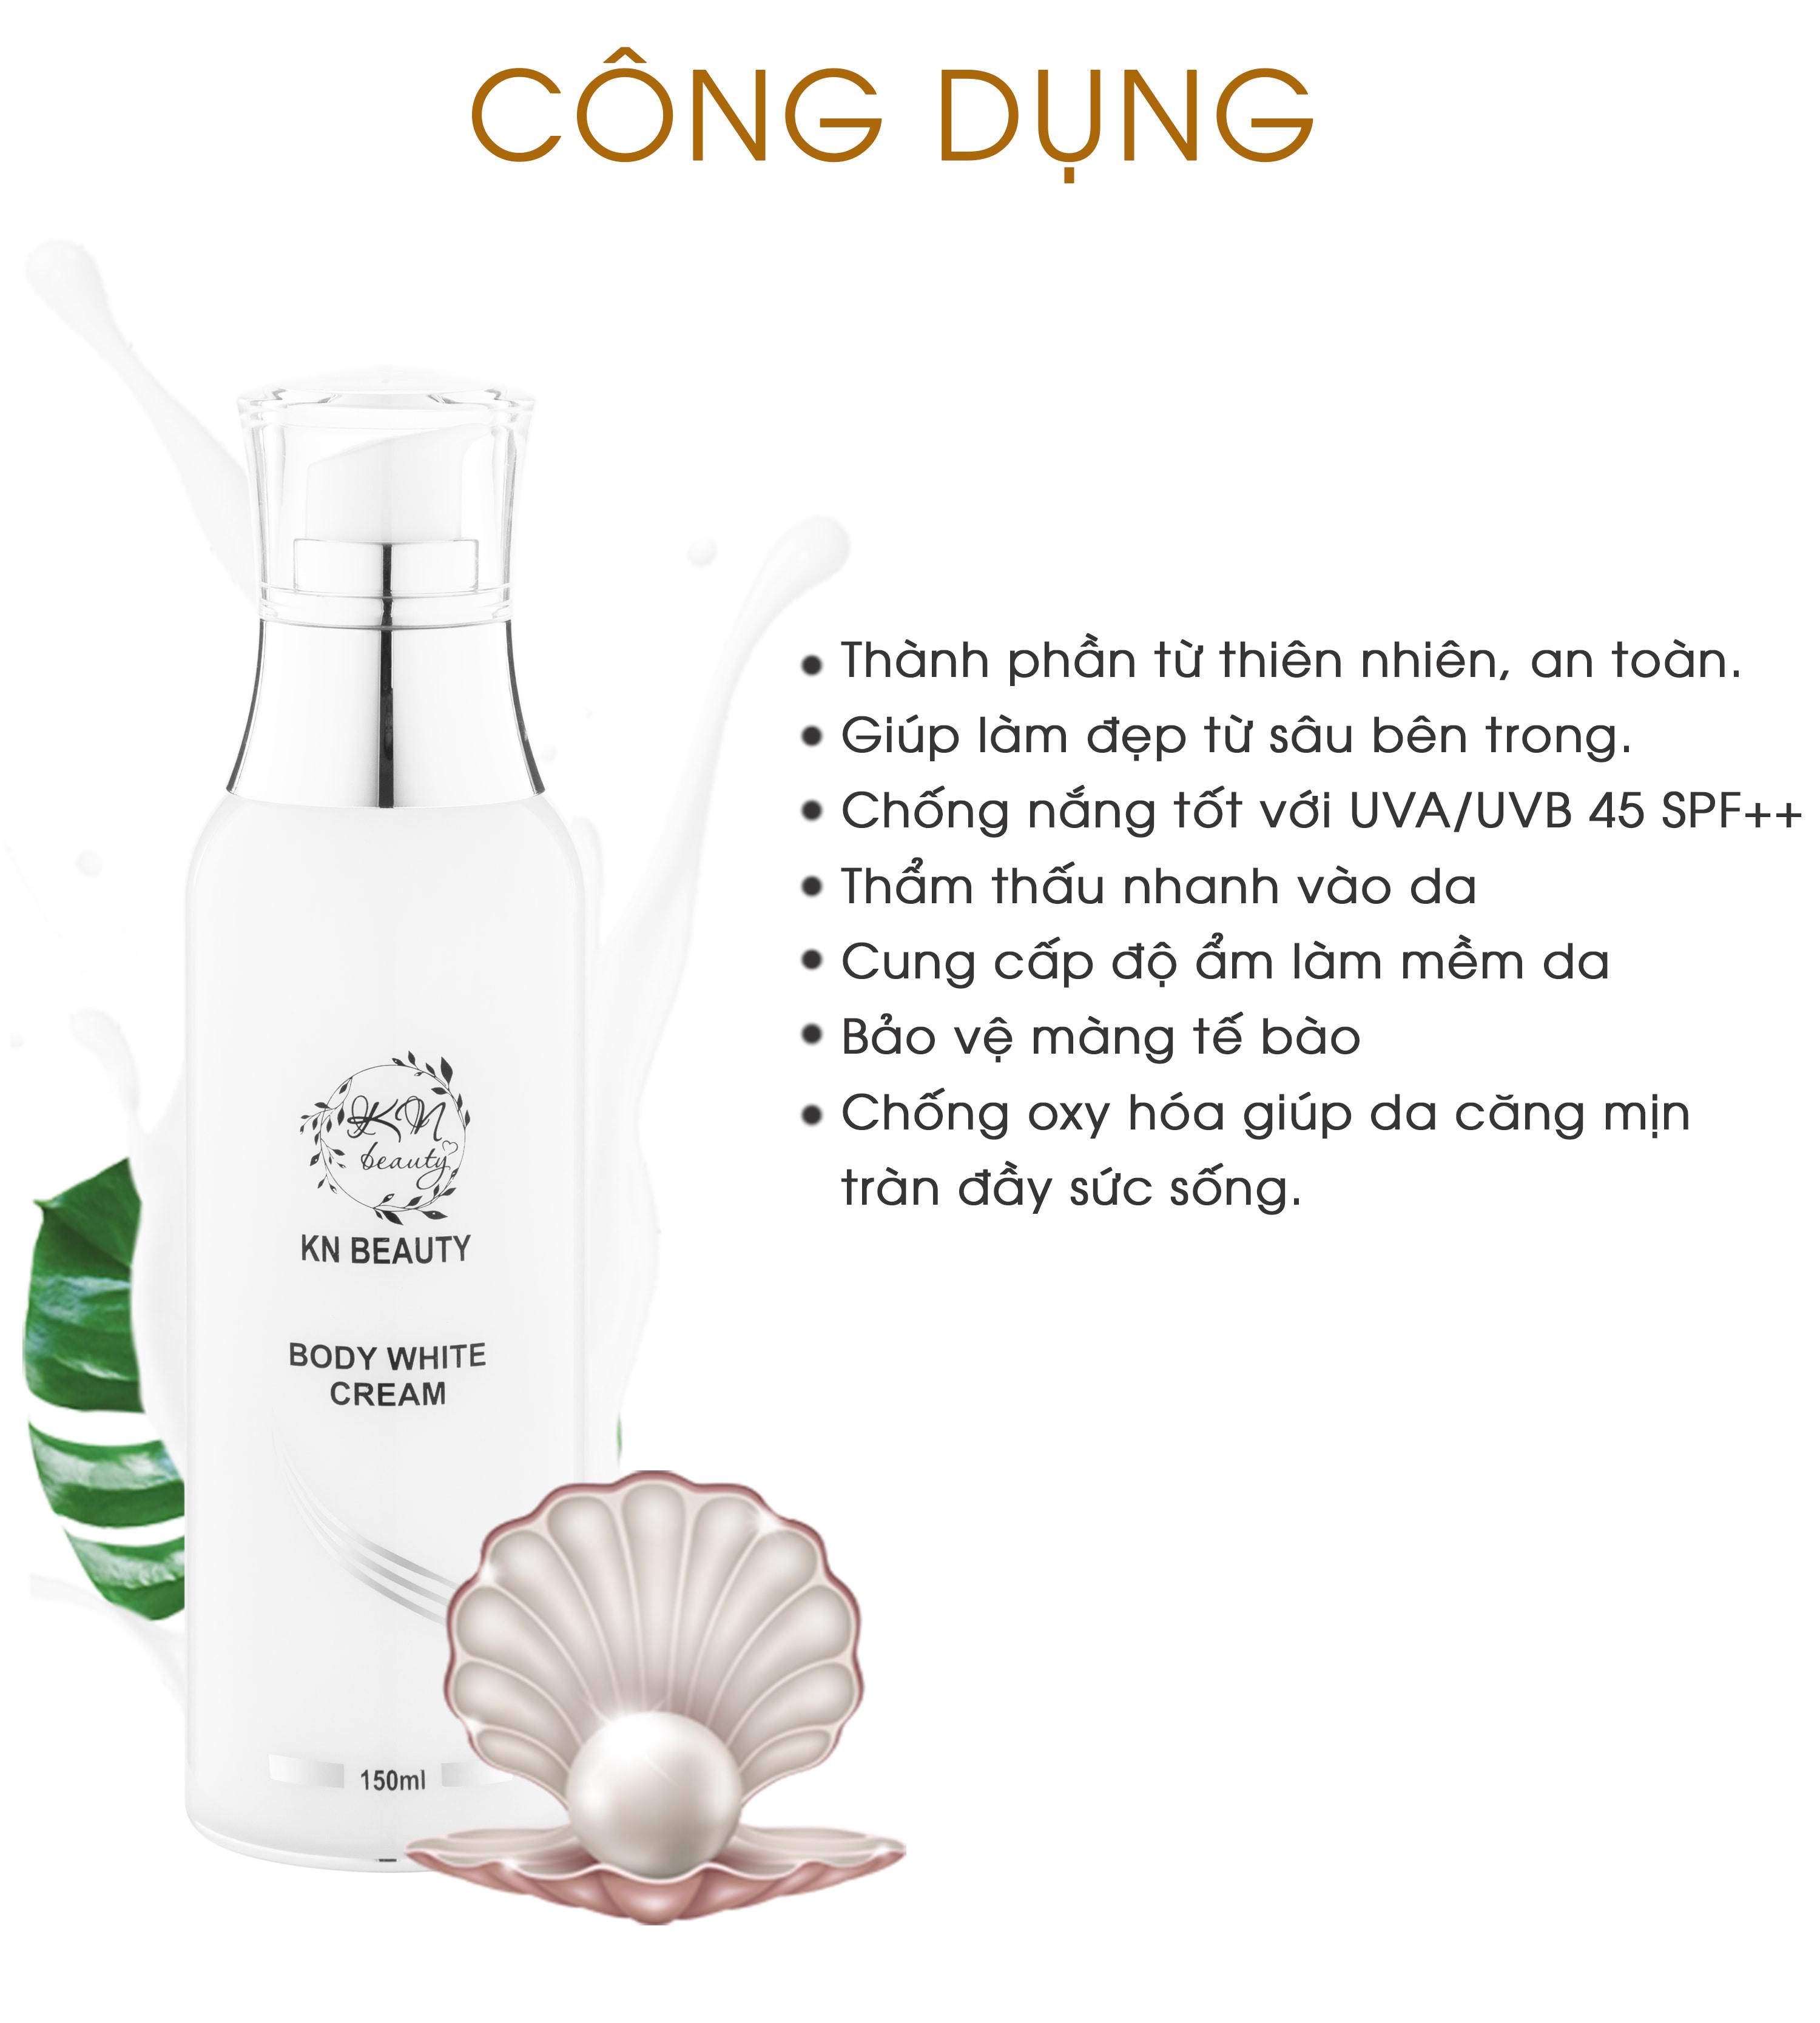 Trọn bộ dưỡng da 6 sản phẩm ngừa mụn+ Dưỡng body trắng: Kem dưỡng 25g + Serum 30ml+ Sữa rửa mặt 120ml+ Tẩy tế bào chết 120ml+ Body 200ml+ Ủ trắng 120ml